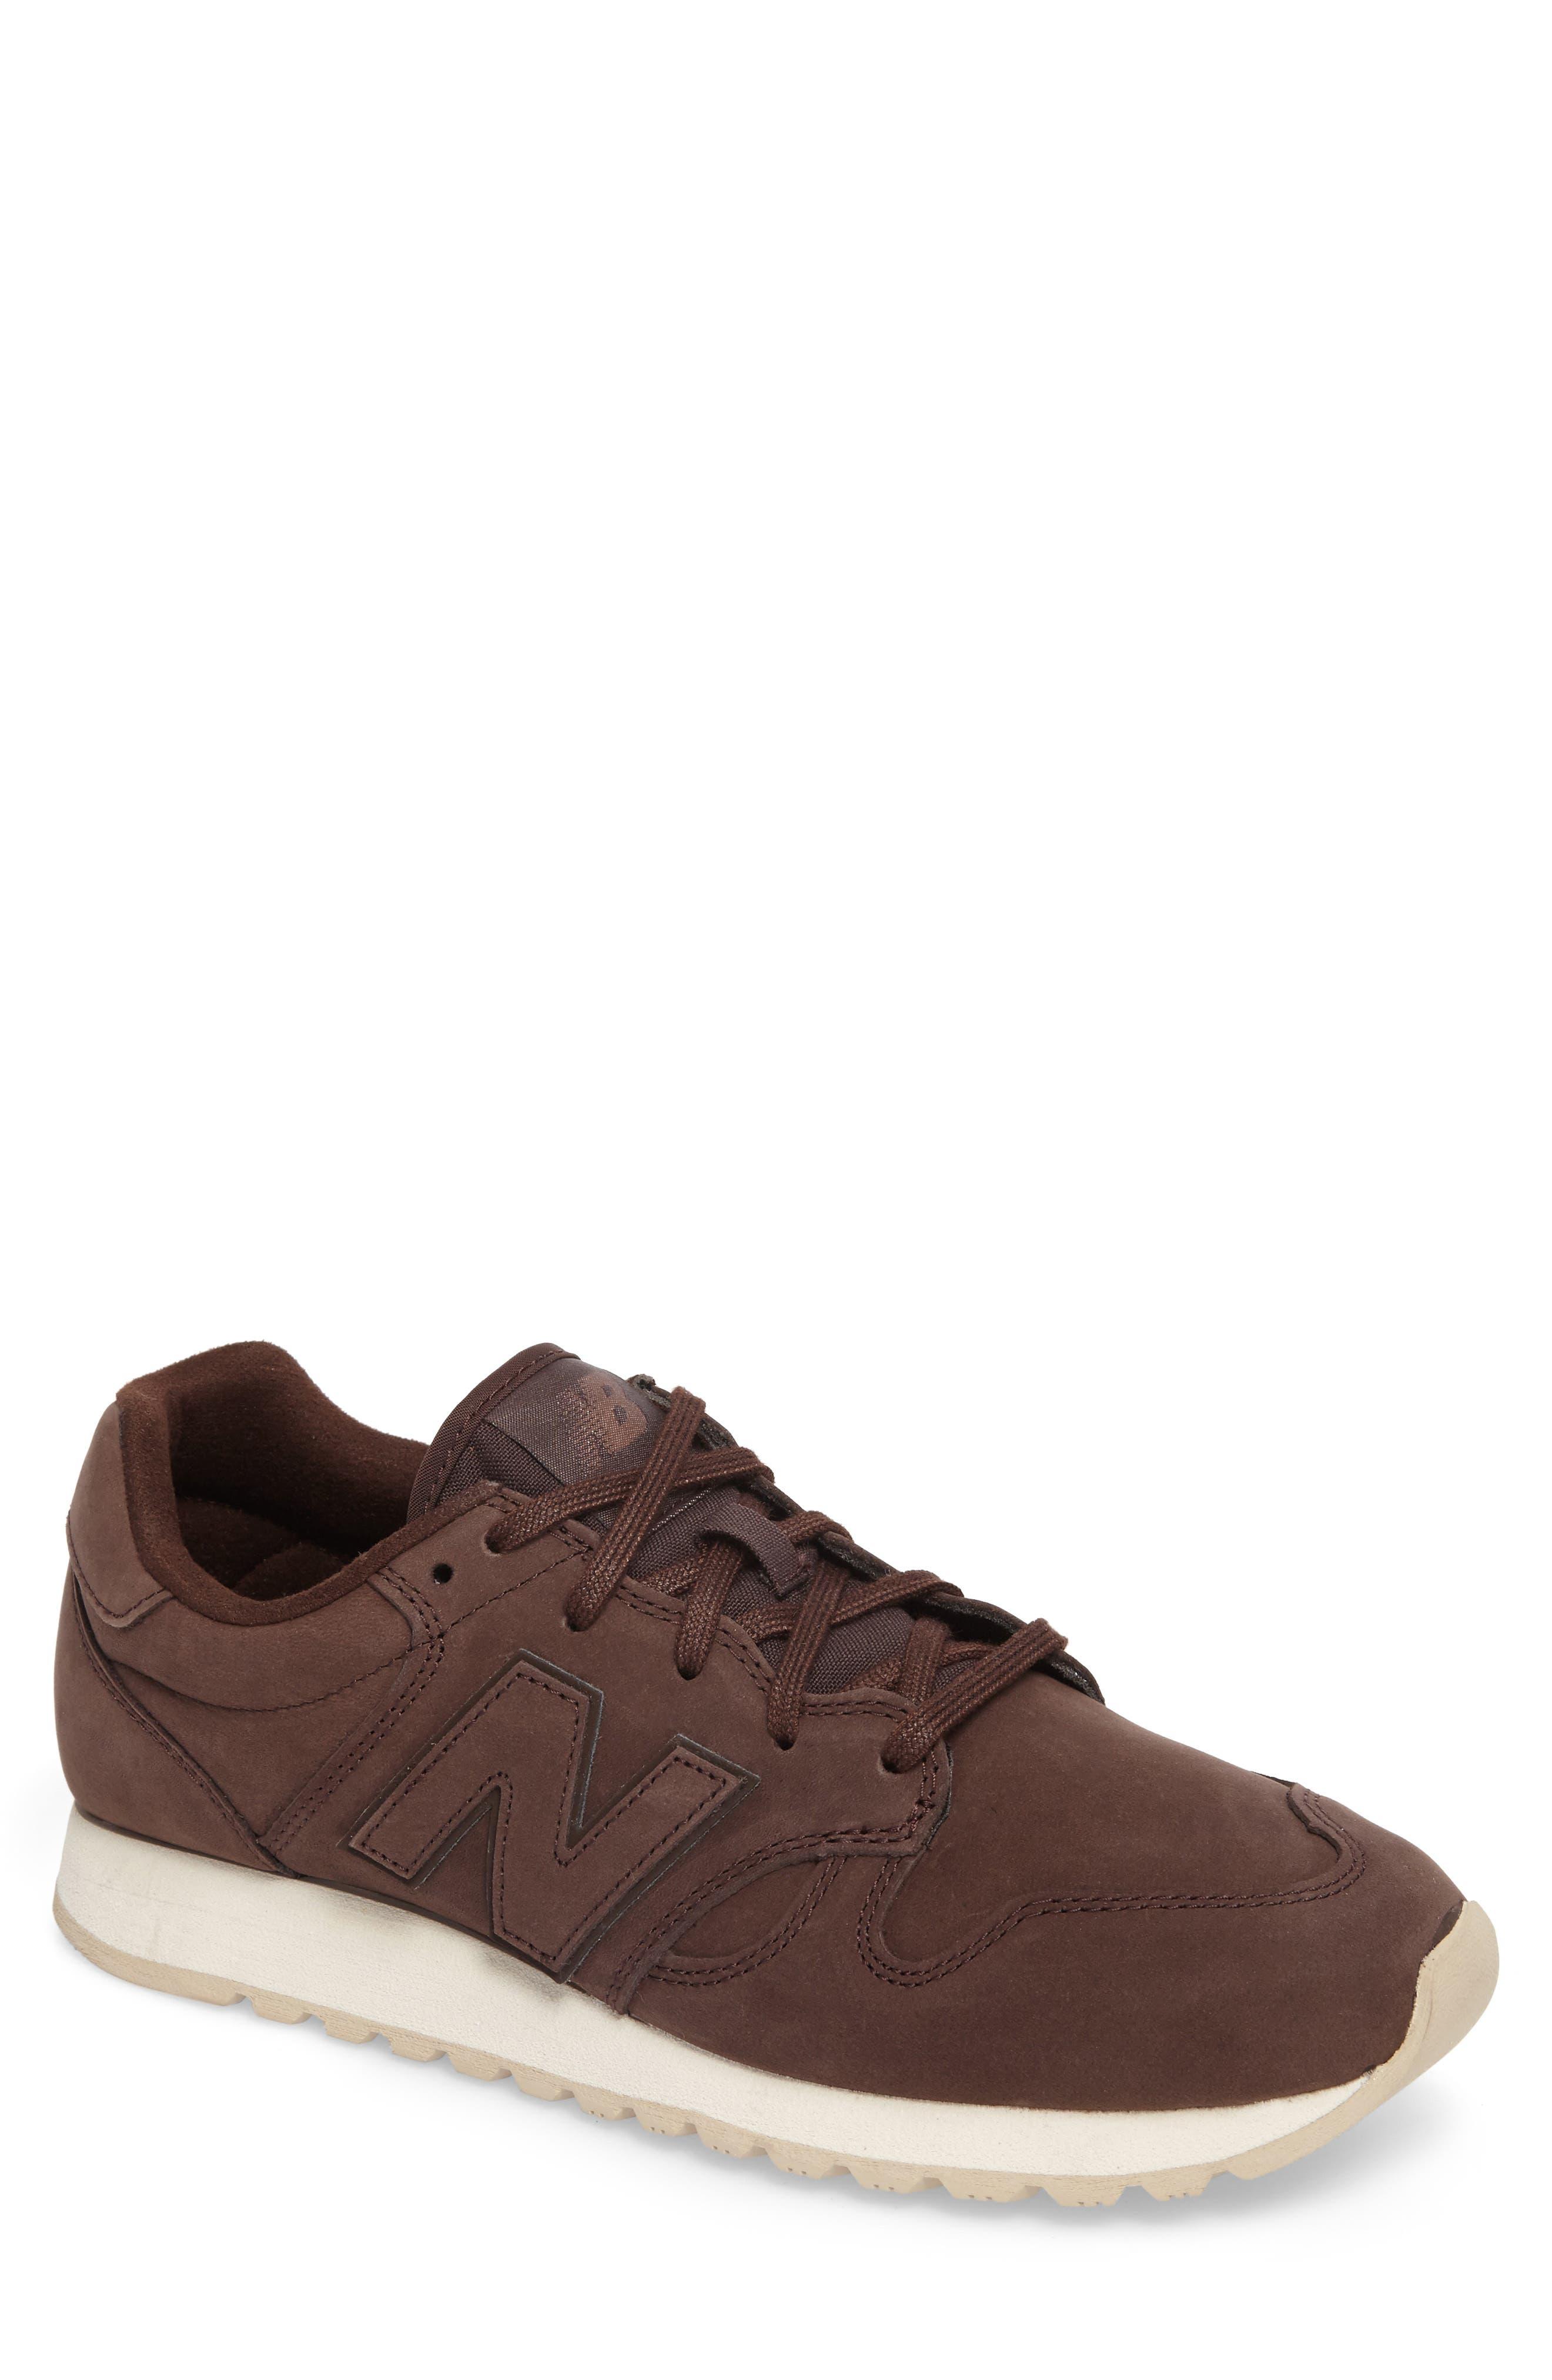 U520 Trainer Sneaker,                             Main thumbnail 1, color,